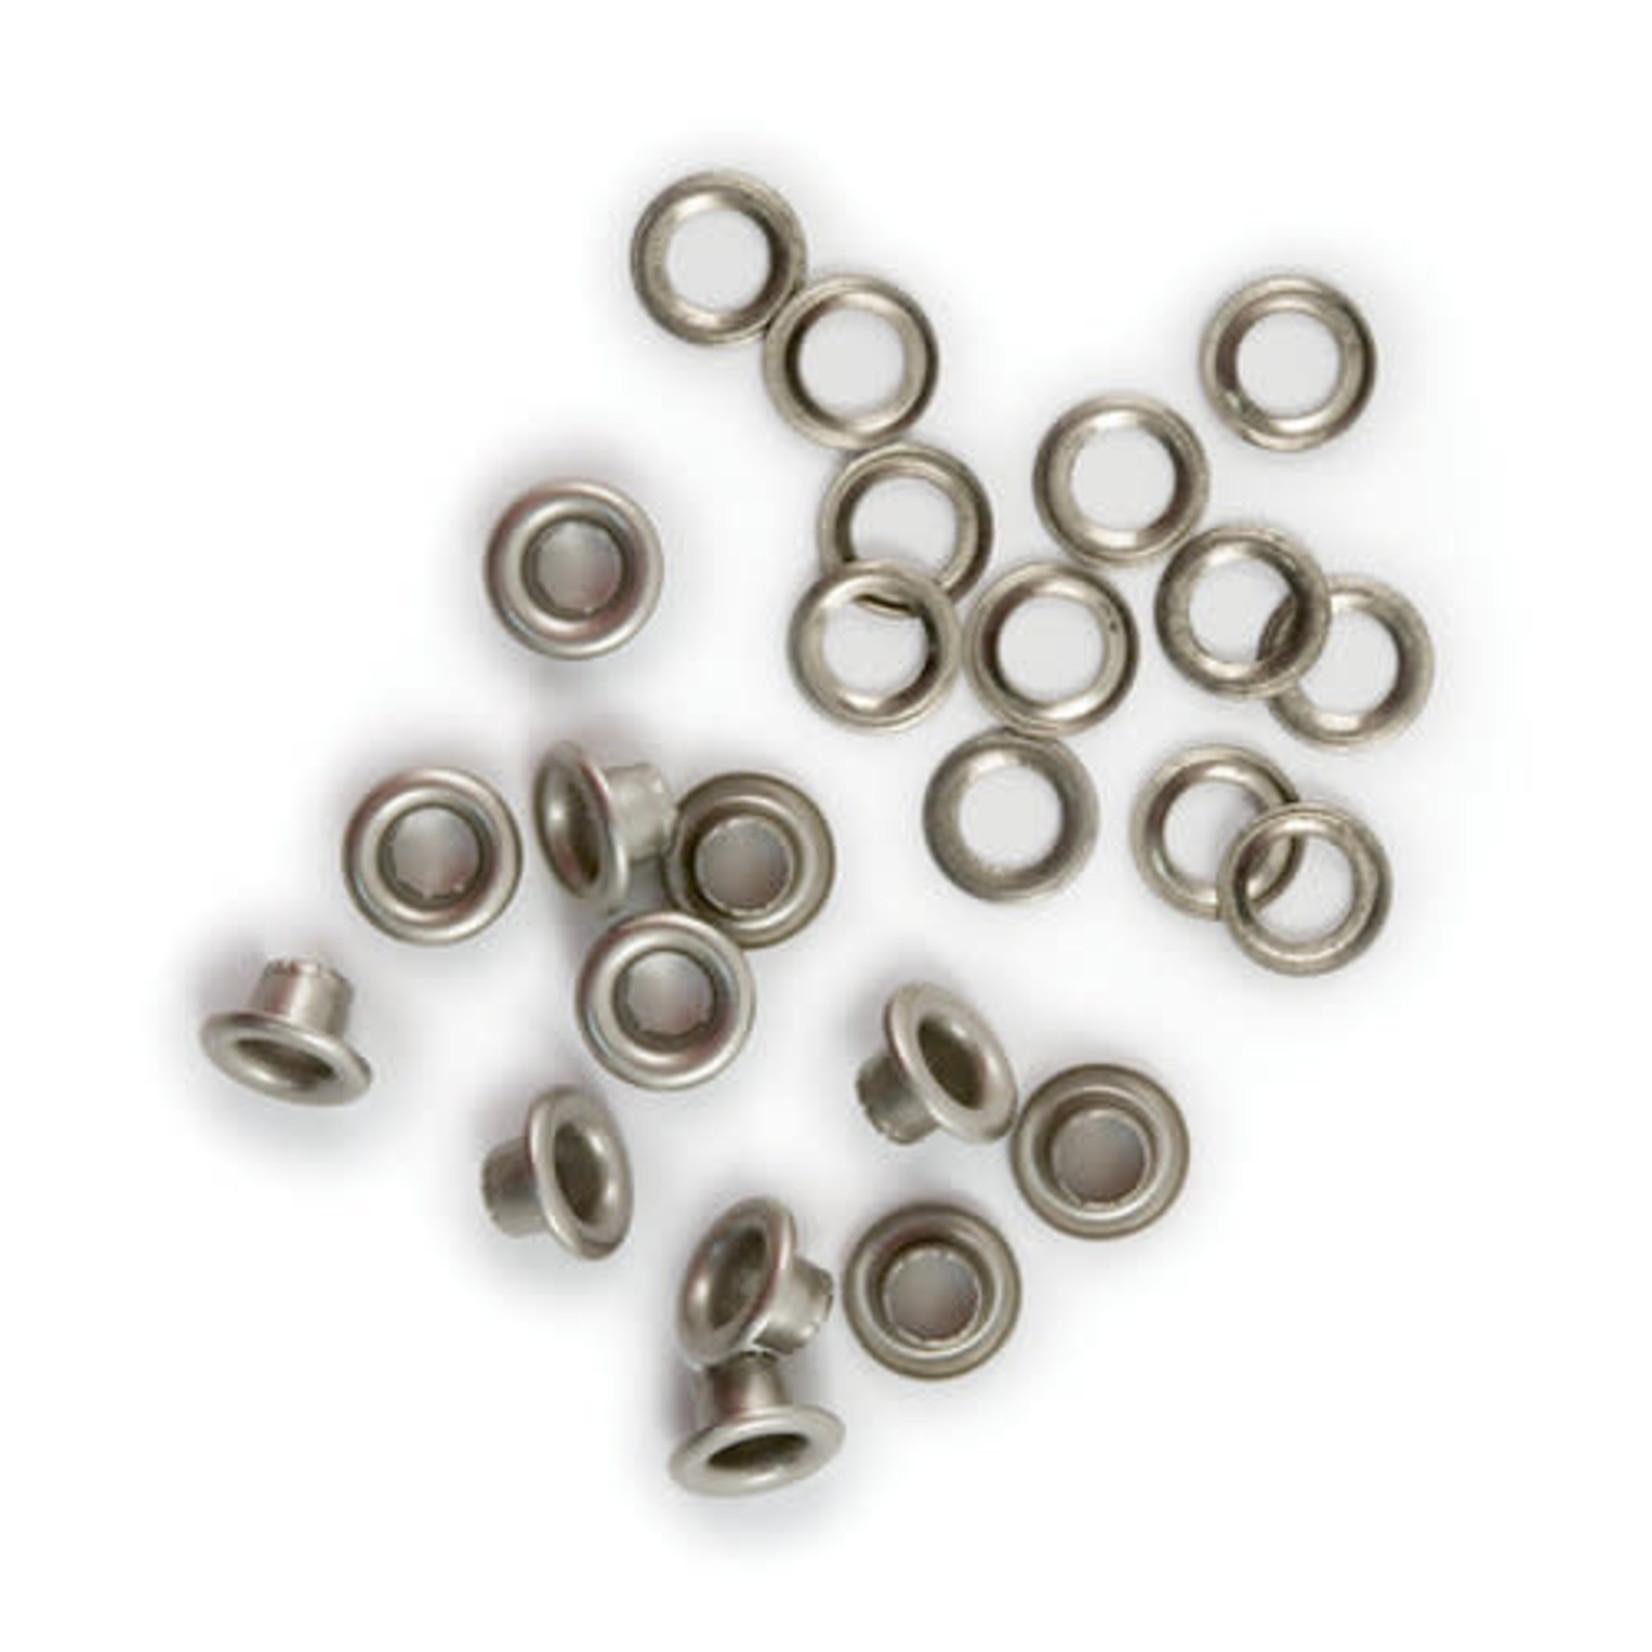 We R memory keepers We R Memory Keepers - Eyelets & Washers Standard-Nickel 60/Pkg